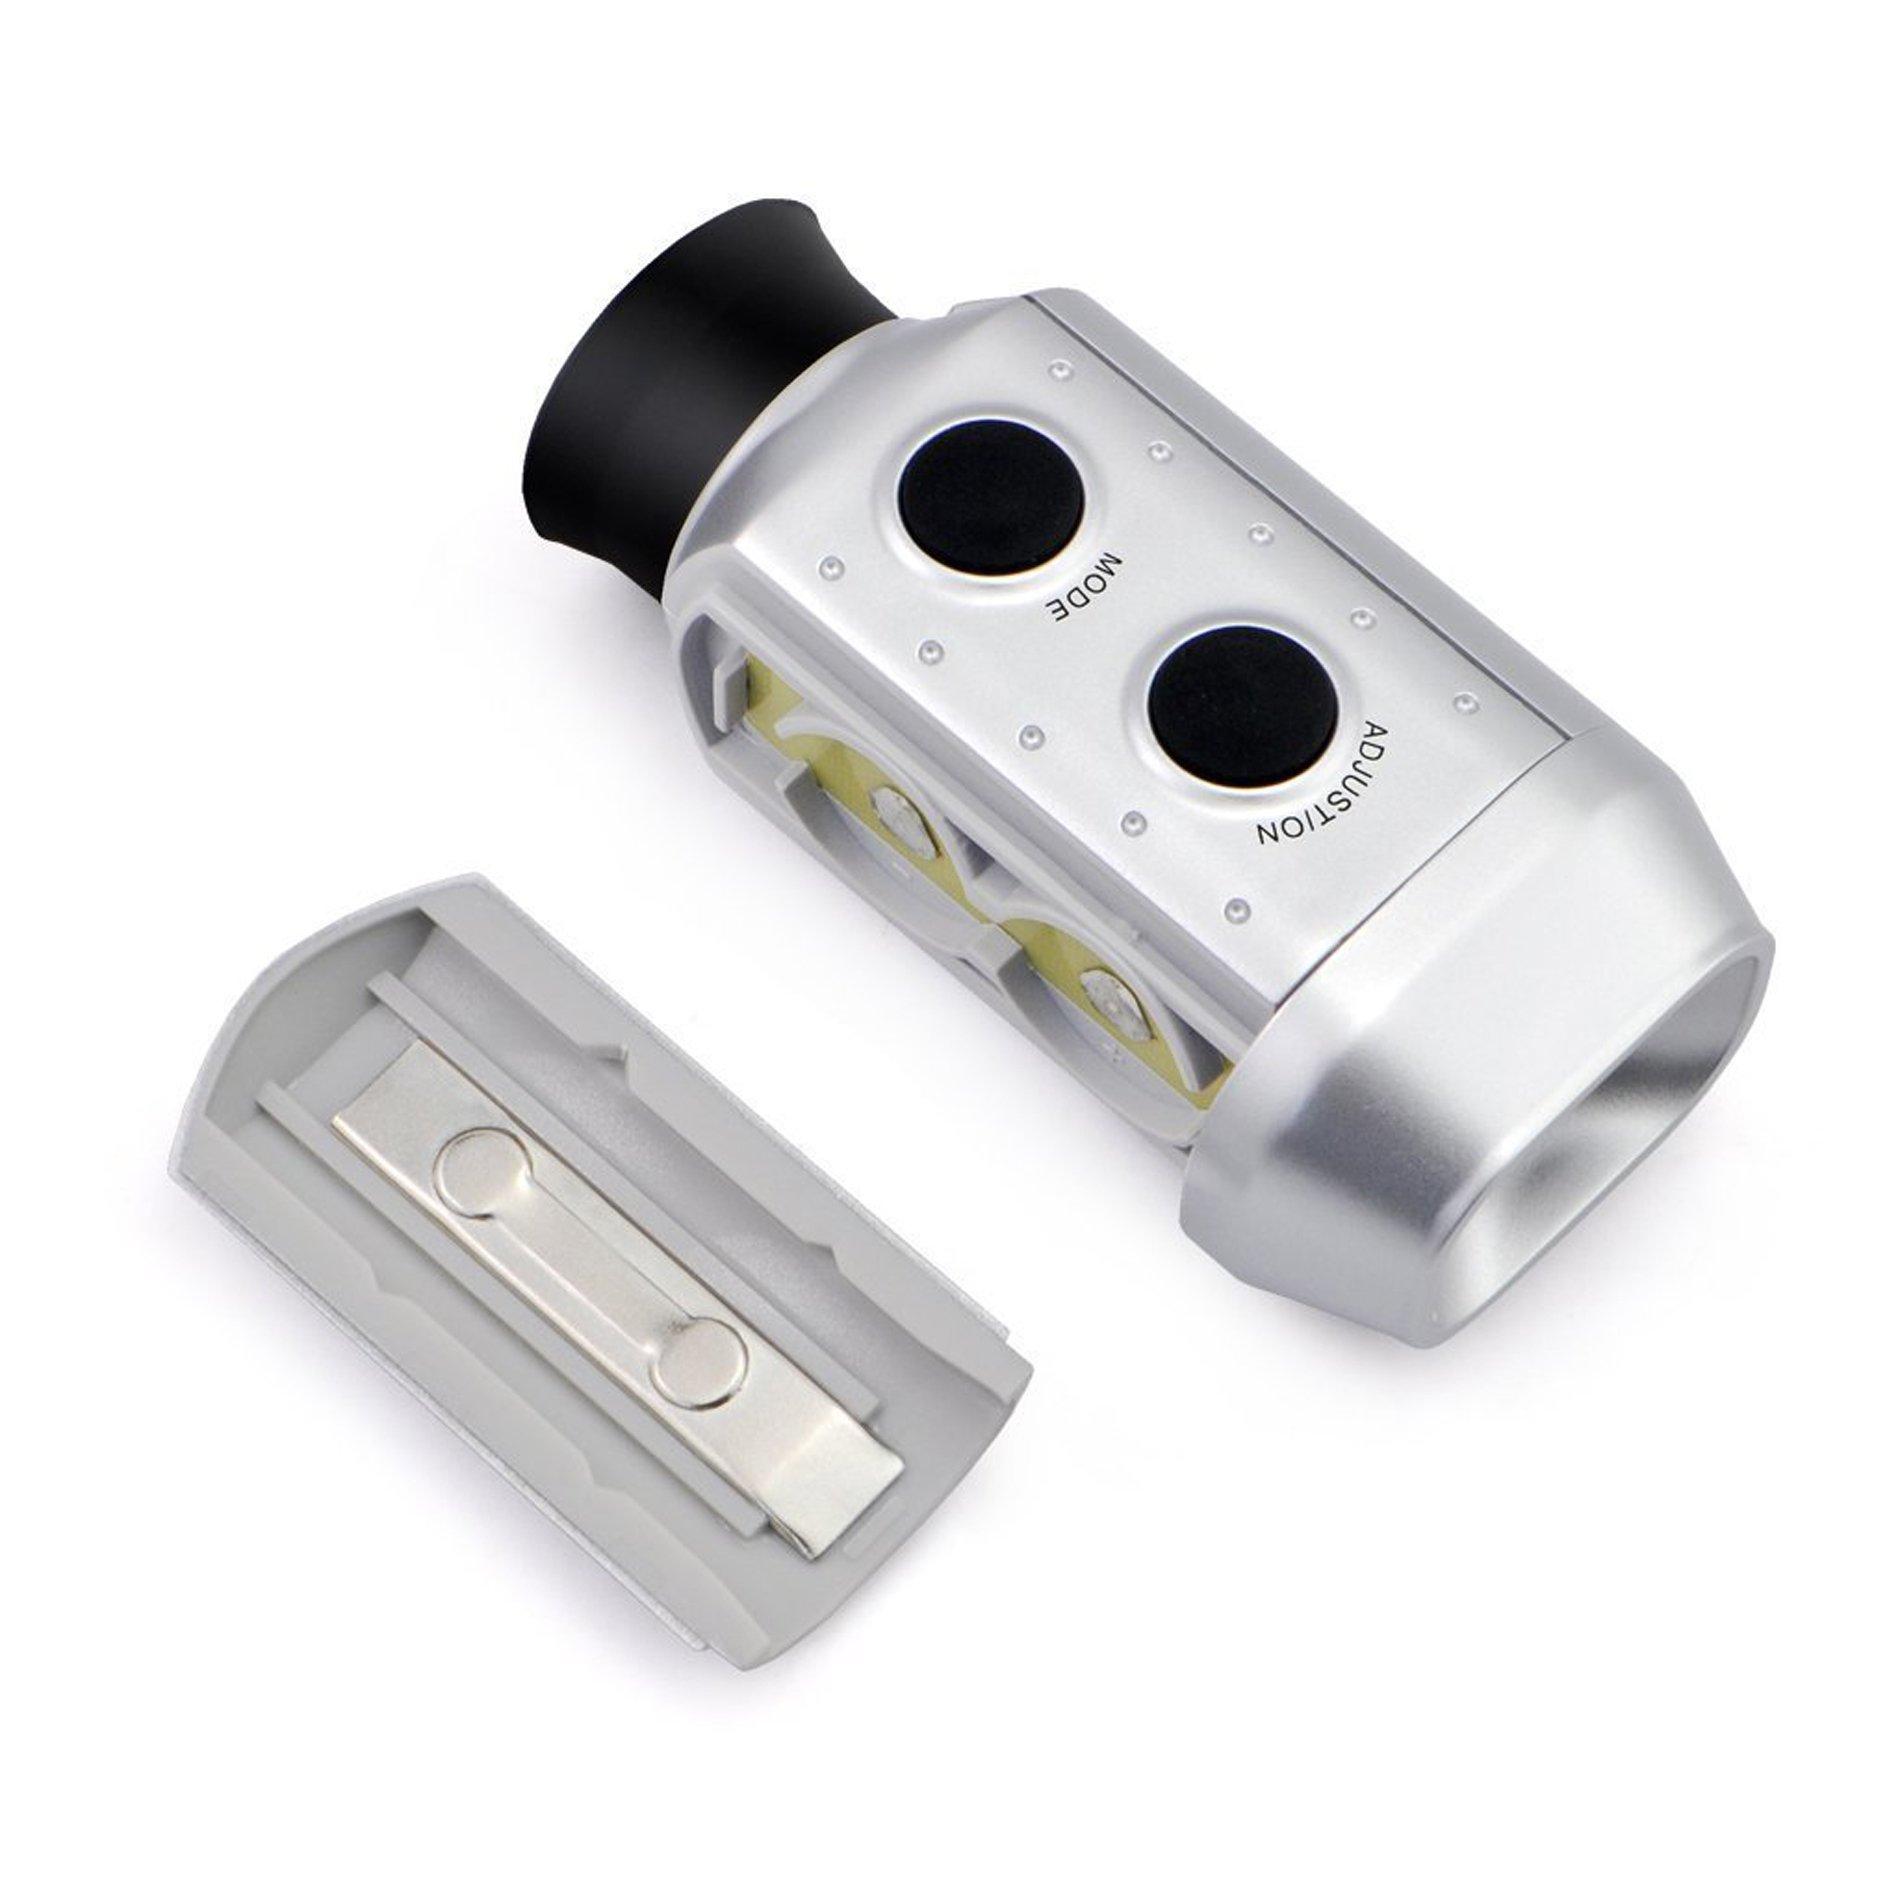 POSMA GF200 Golf Rangefinder Scope Digital Pocket 7x Zoom Golf Range Finder Magnification Distance Measurer by IDS Home (Image #4)